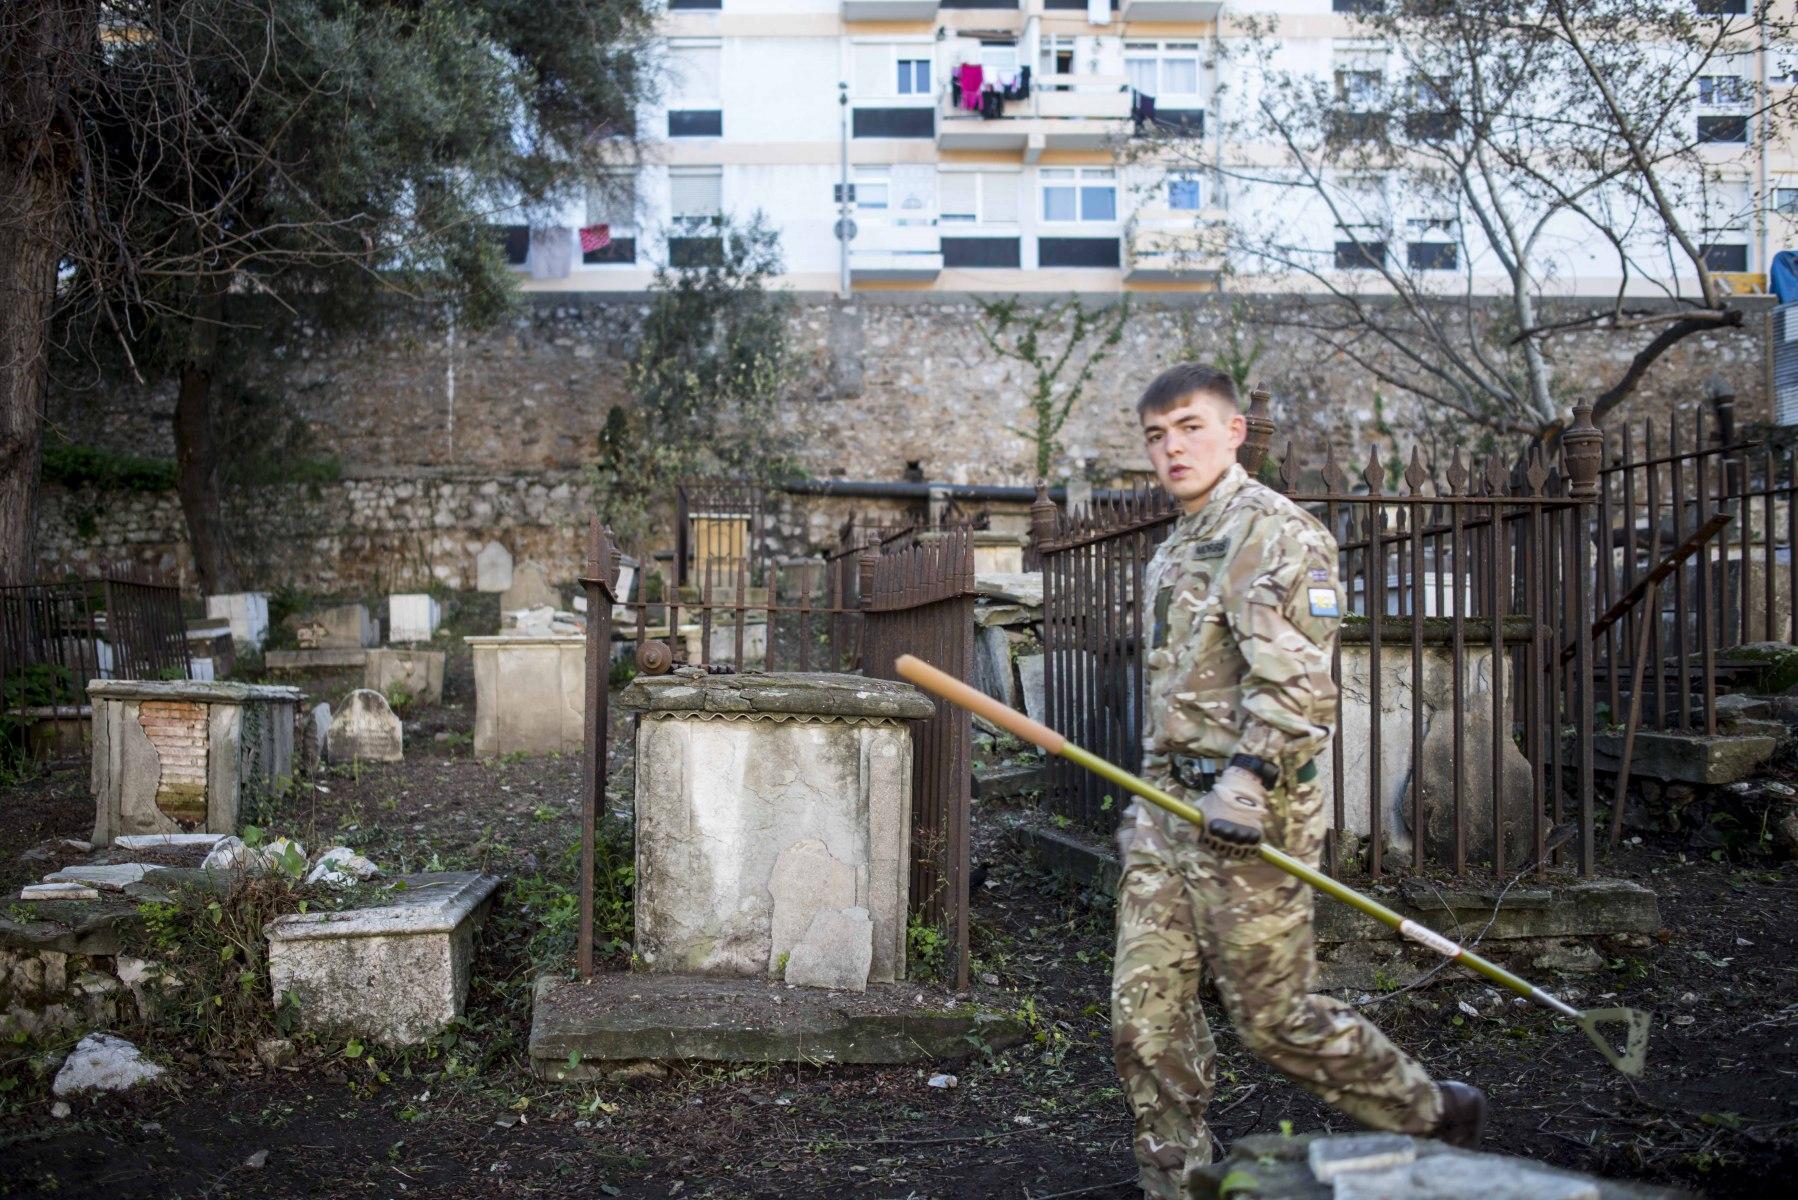 restauracin-cementerio-witham-3_25477574815_o